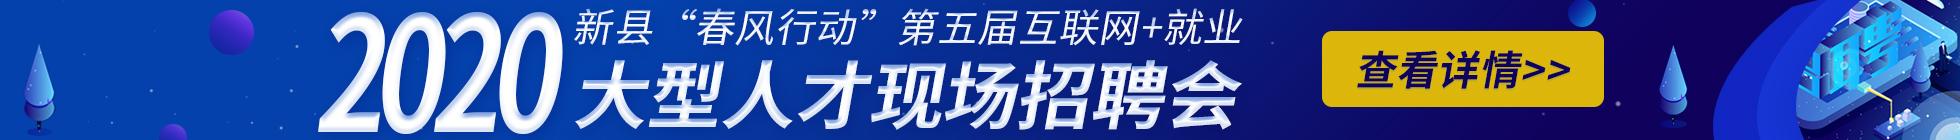 """新县第五届""""互联网+就业""""现场招聘会"""